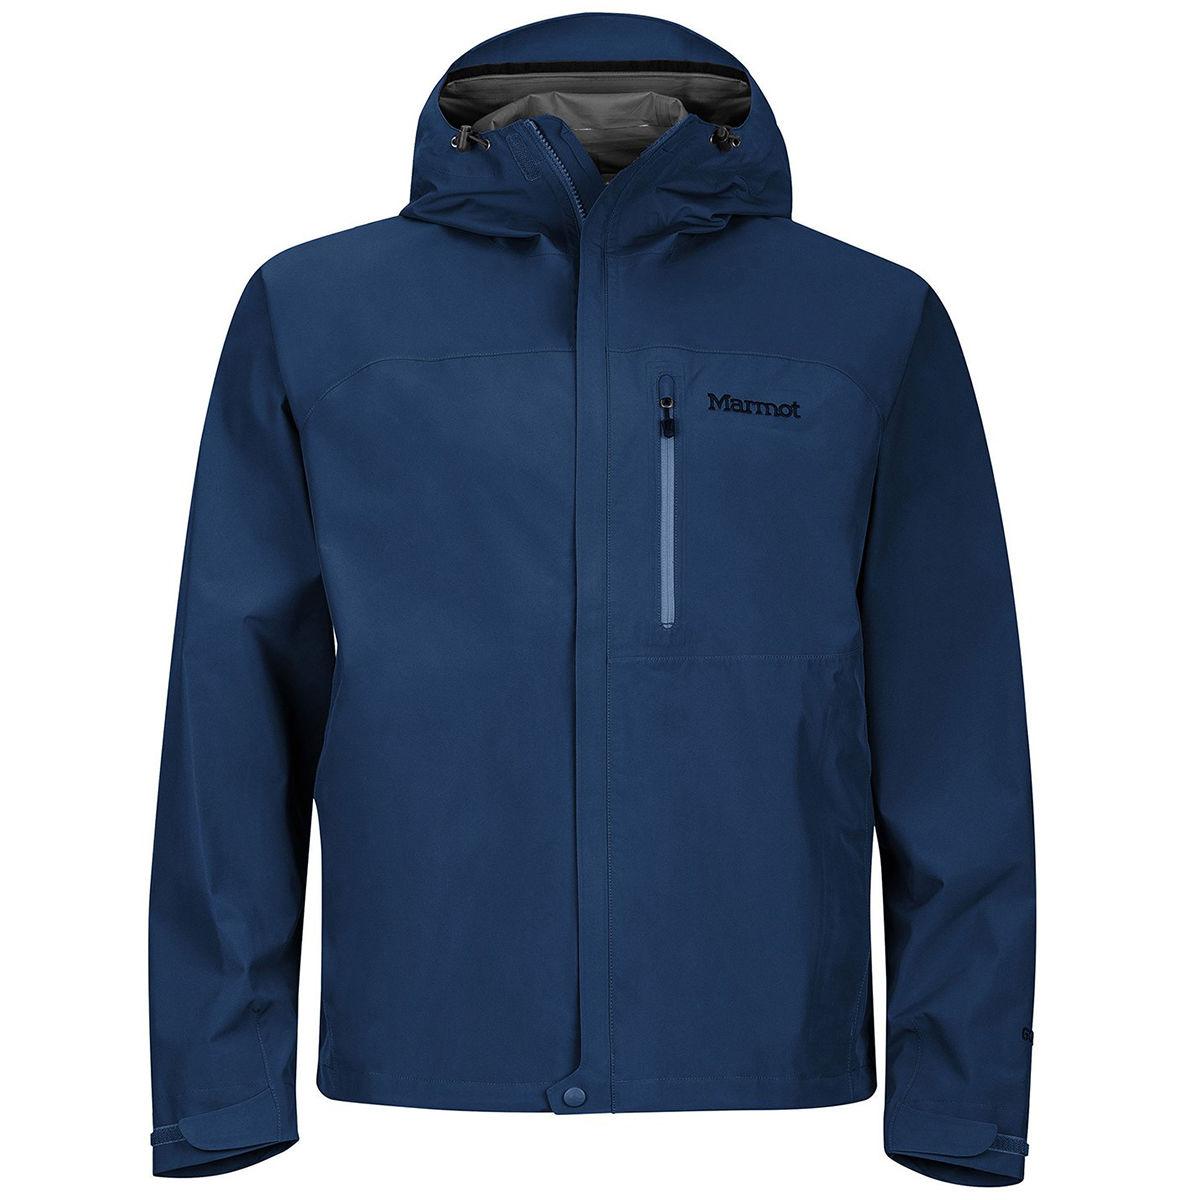 Marmot Men's Minimalist Waterproof Jacket - Blue, M